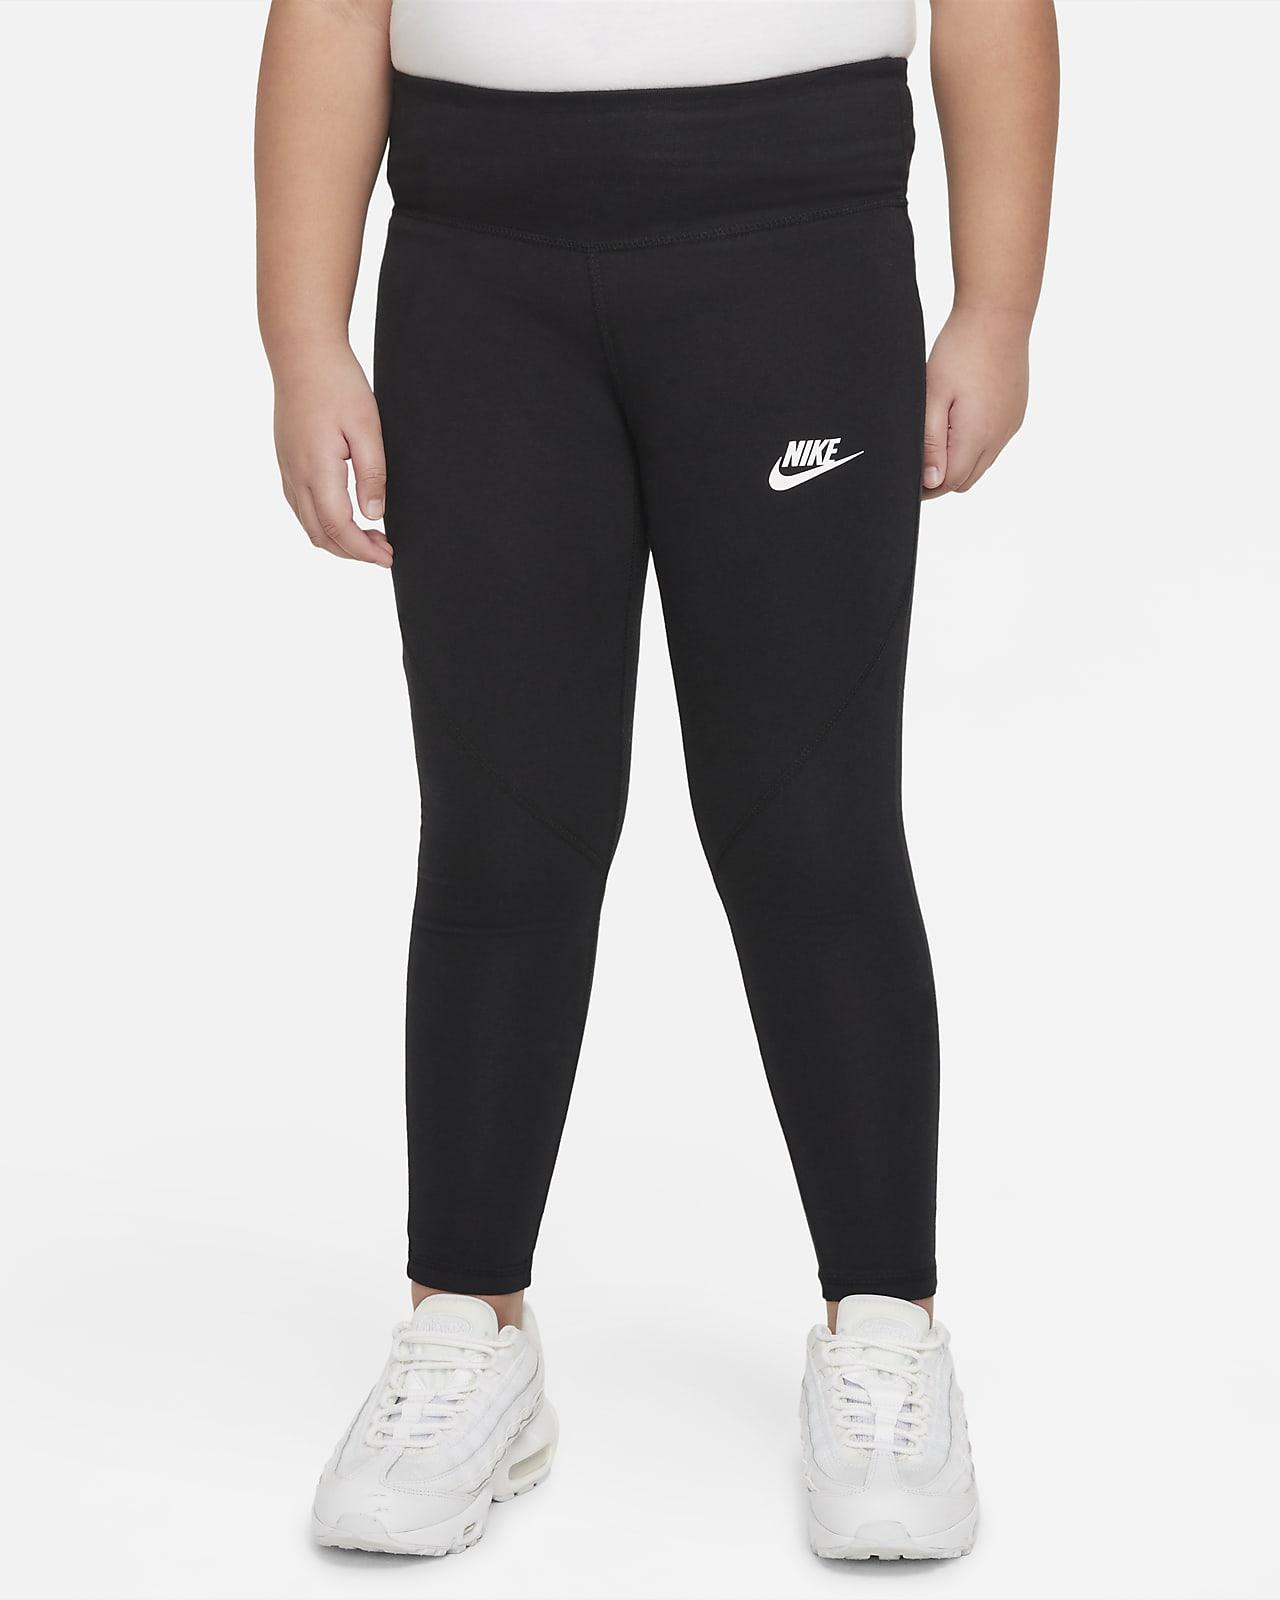 Legging taille haute Nike Sportswear Favorites pour Fille plus âgée (taille étendue)